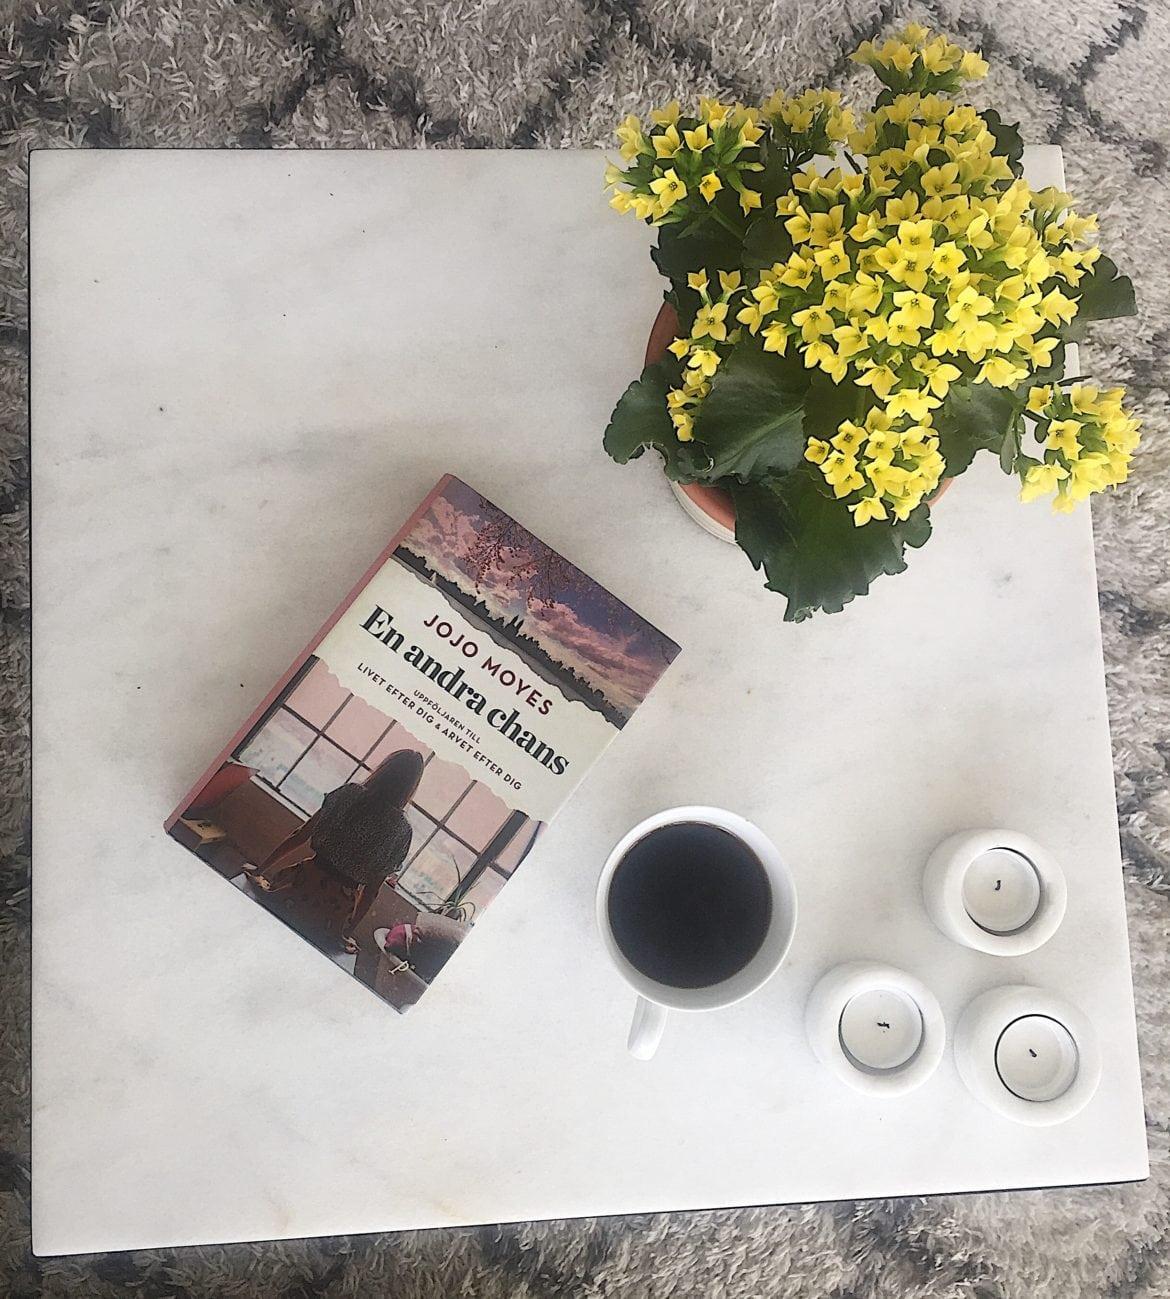 Att läsa en bok är ett bra sätt för att hitta ett lugn